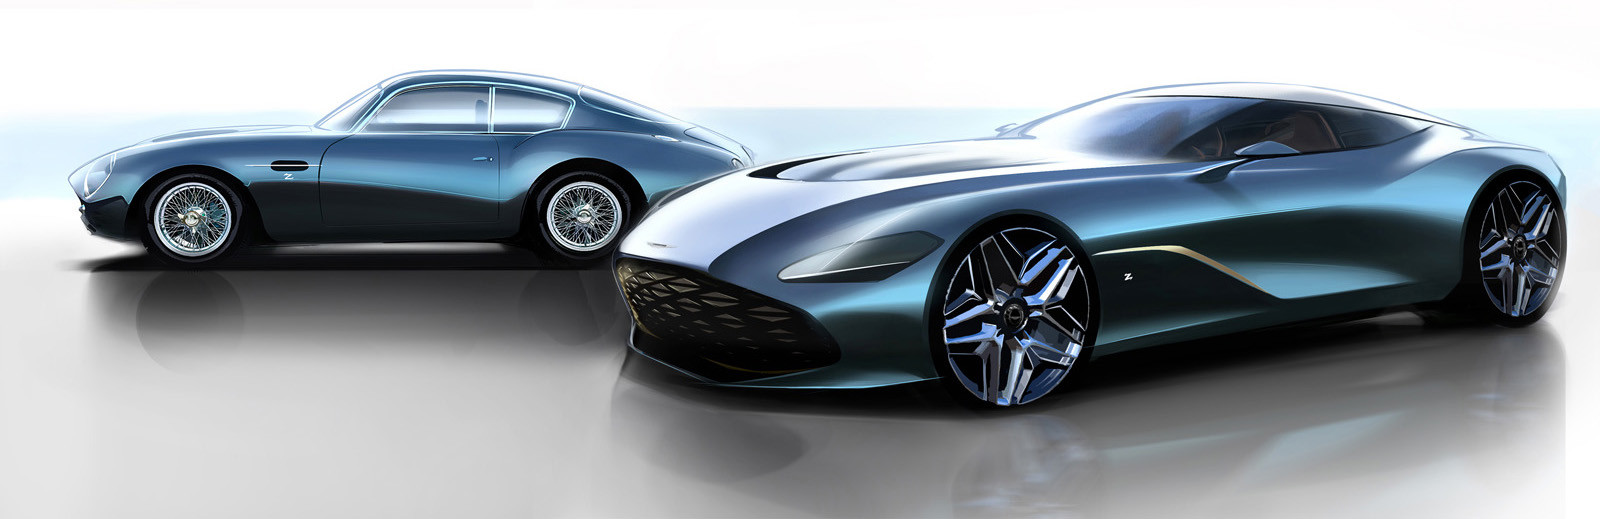 Foto de Aston Martin DBS GT Zagato, teaser (1/7)